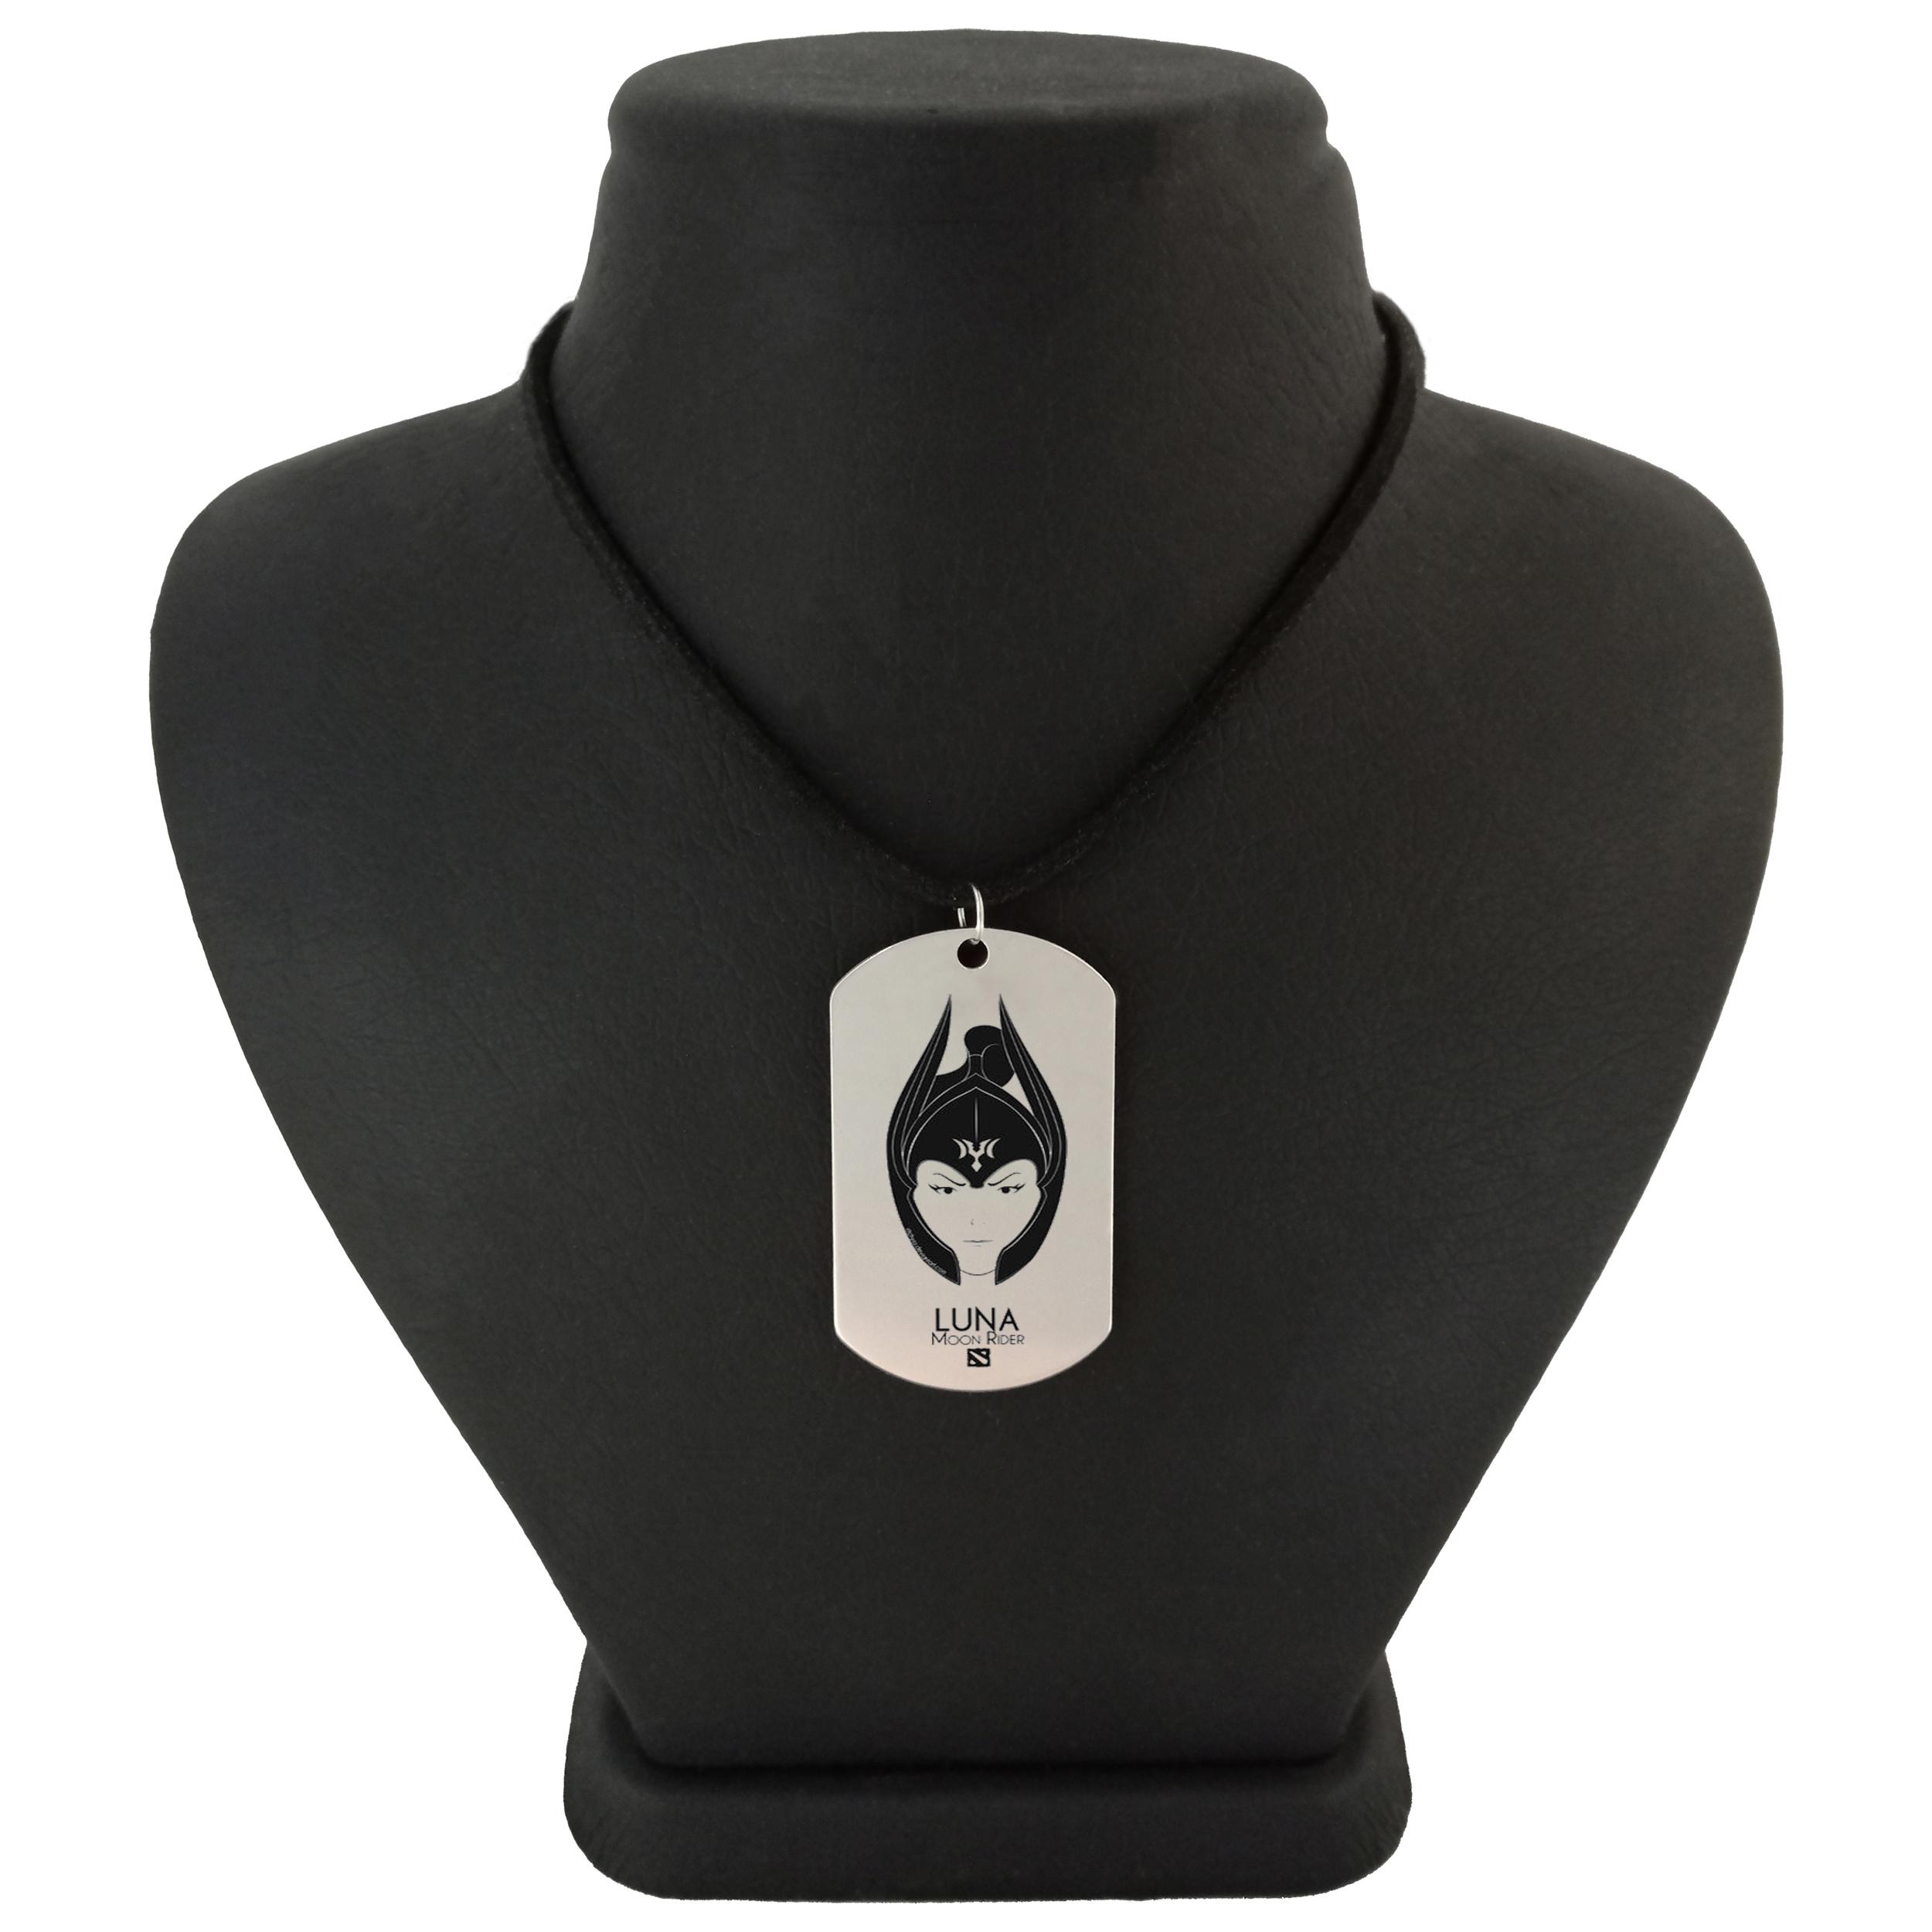 گردنبند مردانه ترمه ۱ مدل بازی دوتا 2 کد Sam 782